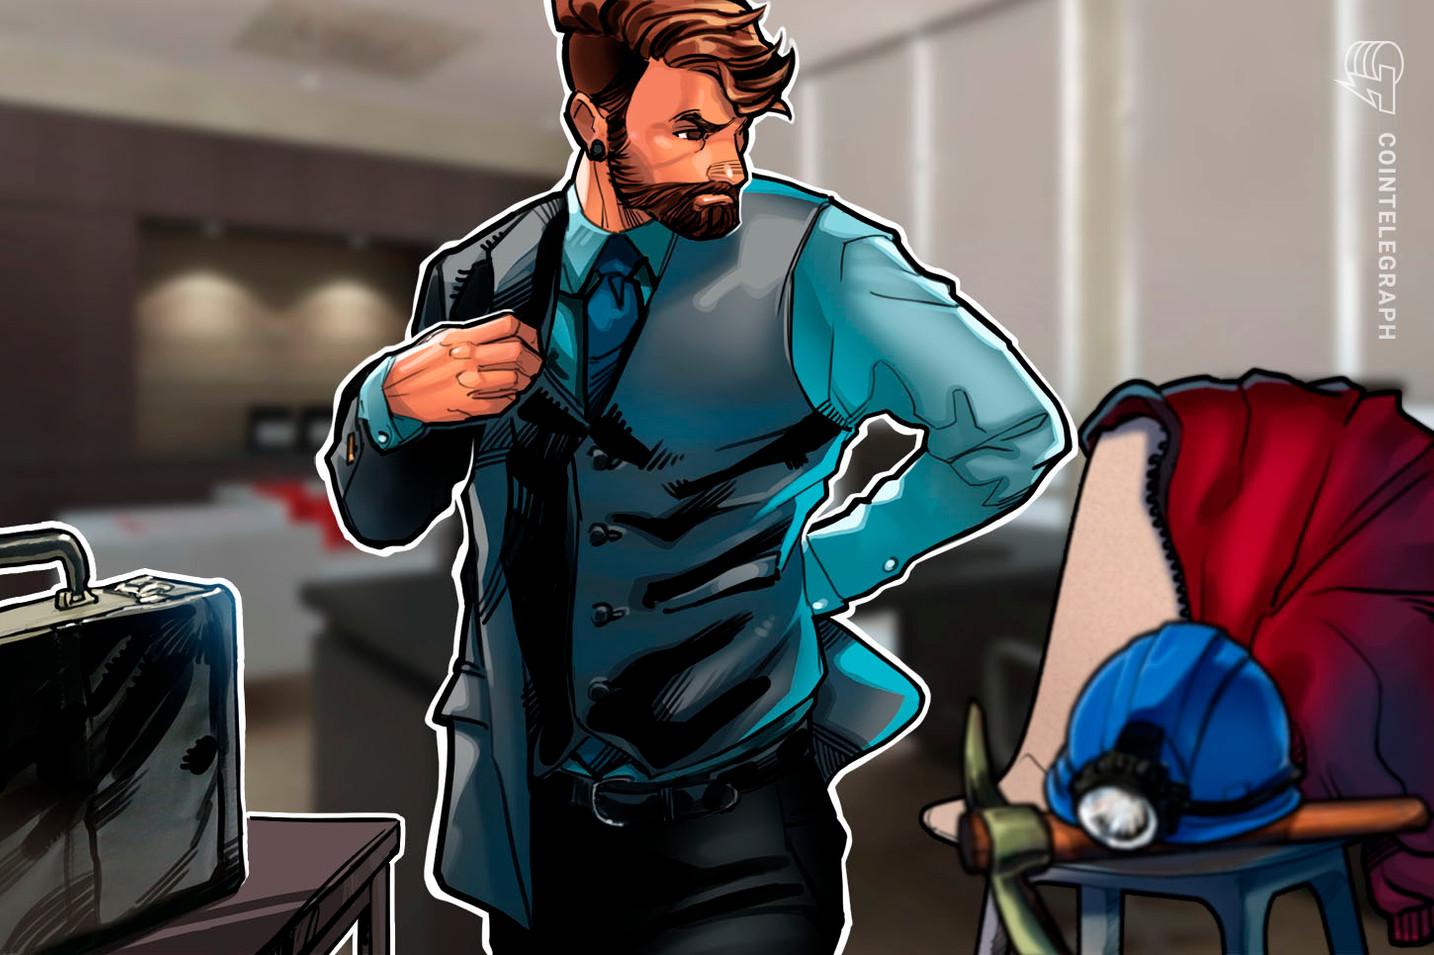 Experten: Bitcoin-Schwierigkeit könnte Miner erneut vertreiben